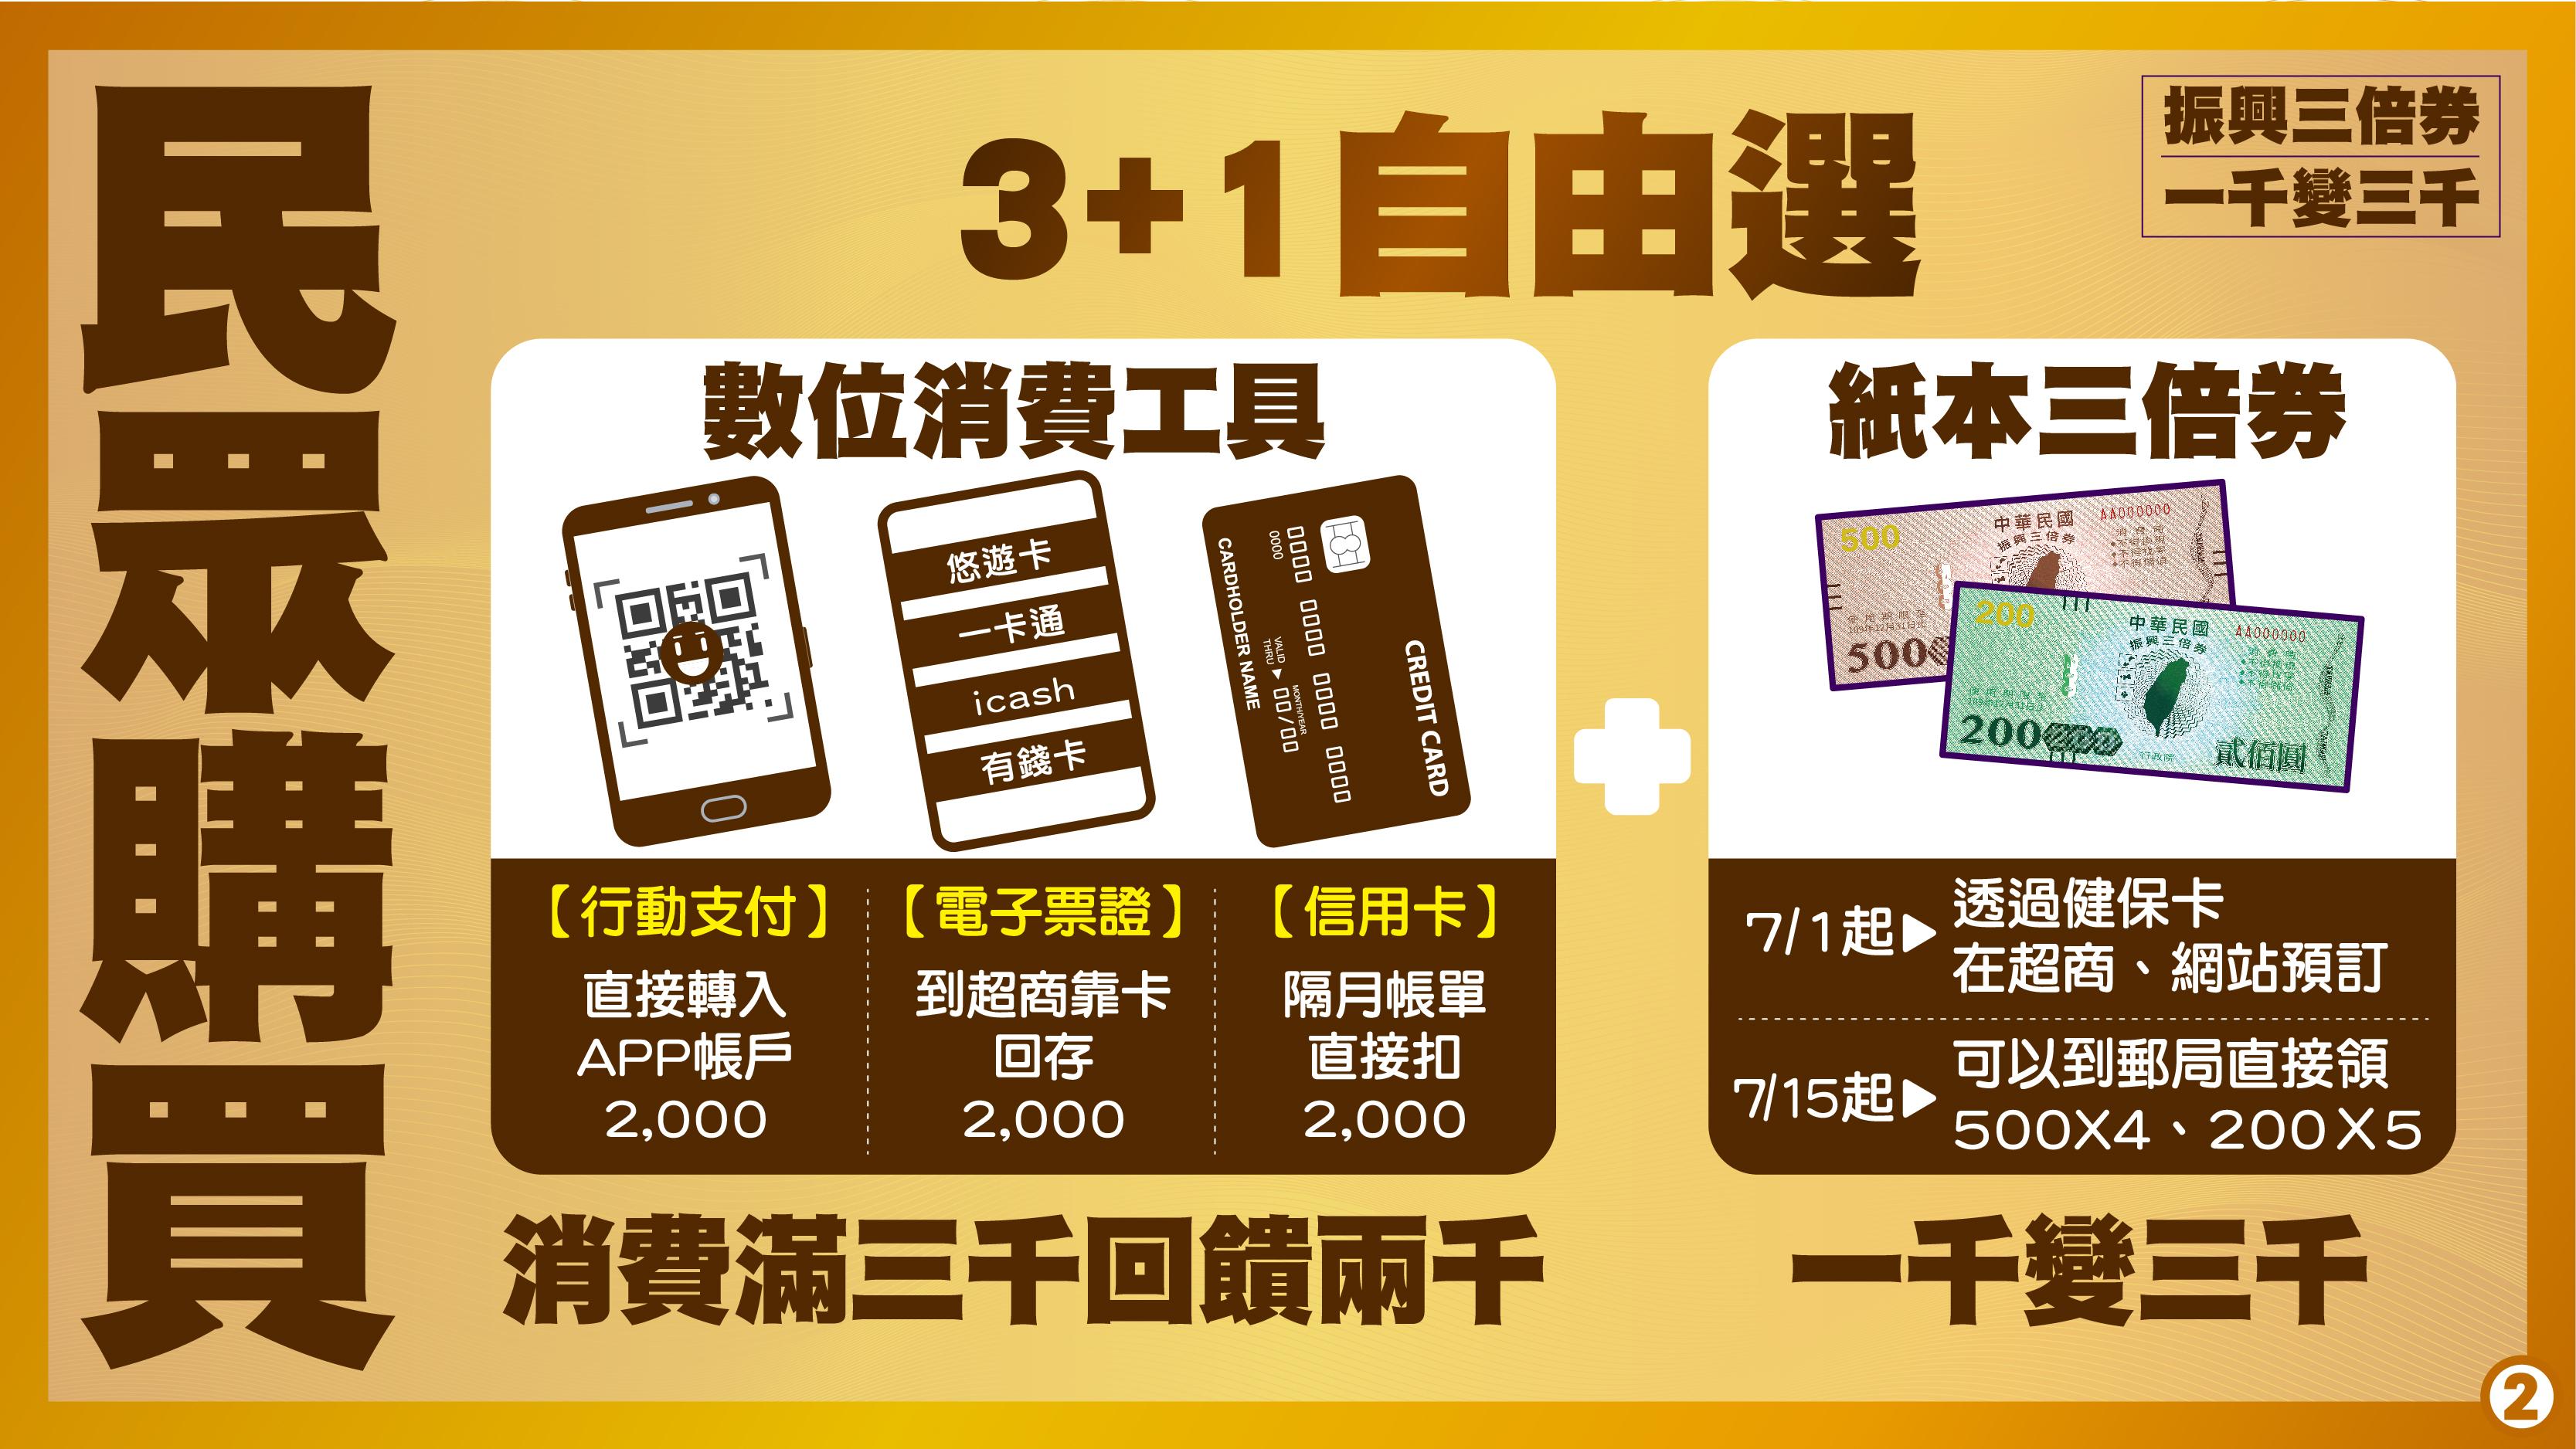 民眾申請消費券可 3+1自由選 行動支付、電子票證、信用卡三種數位消費工具,或使用紙本三倍券